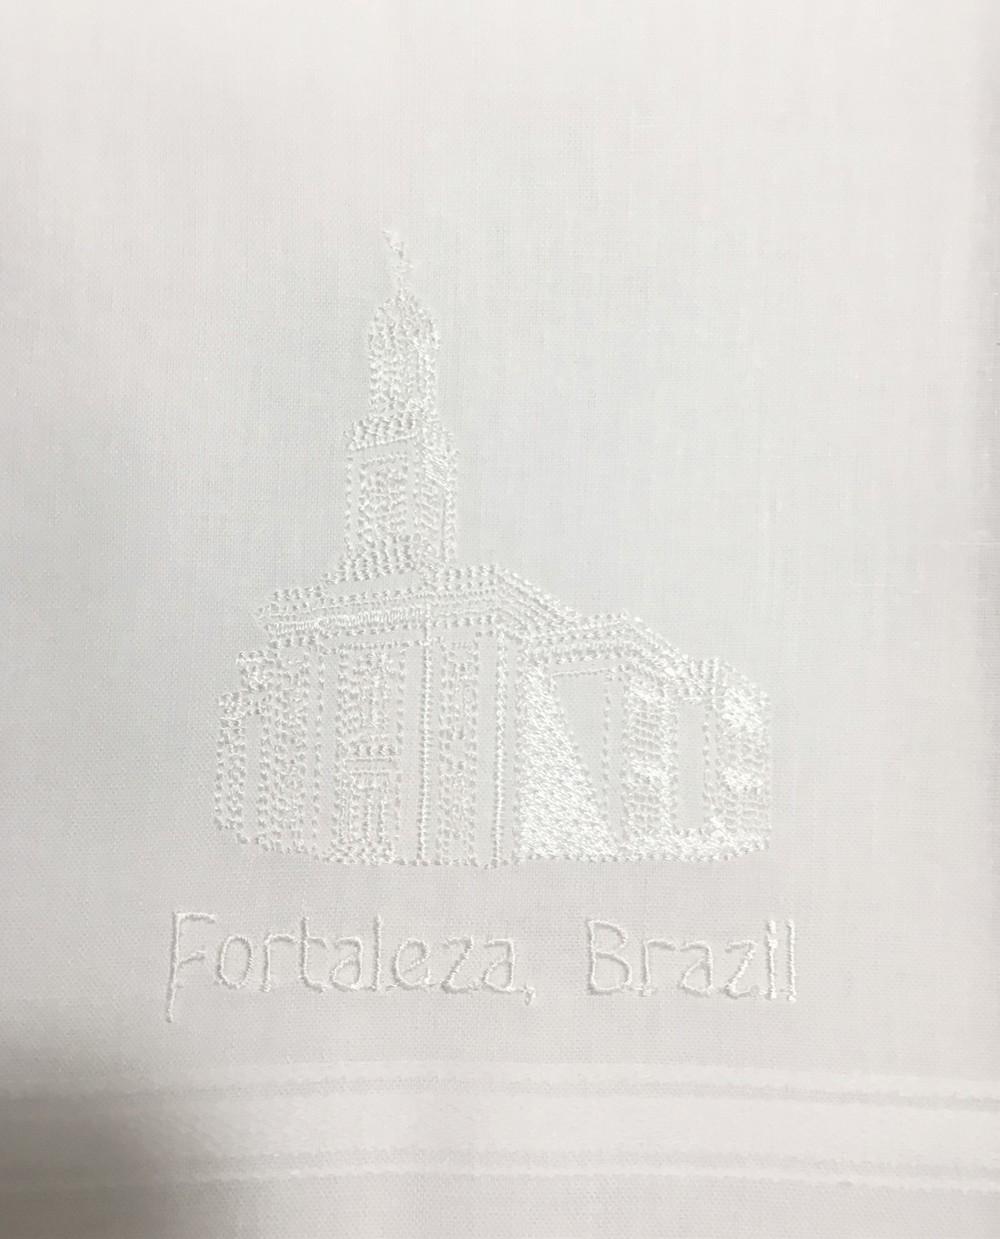 Fortaleza Brazil Men